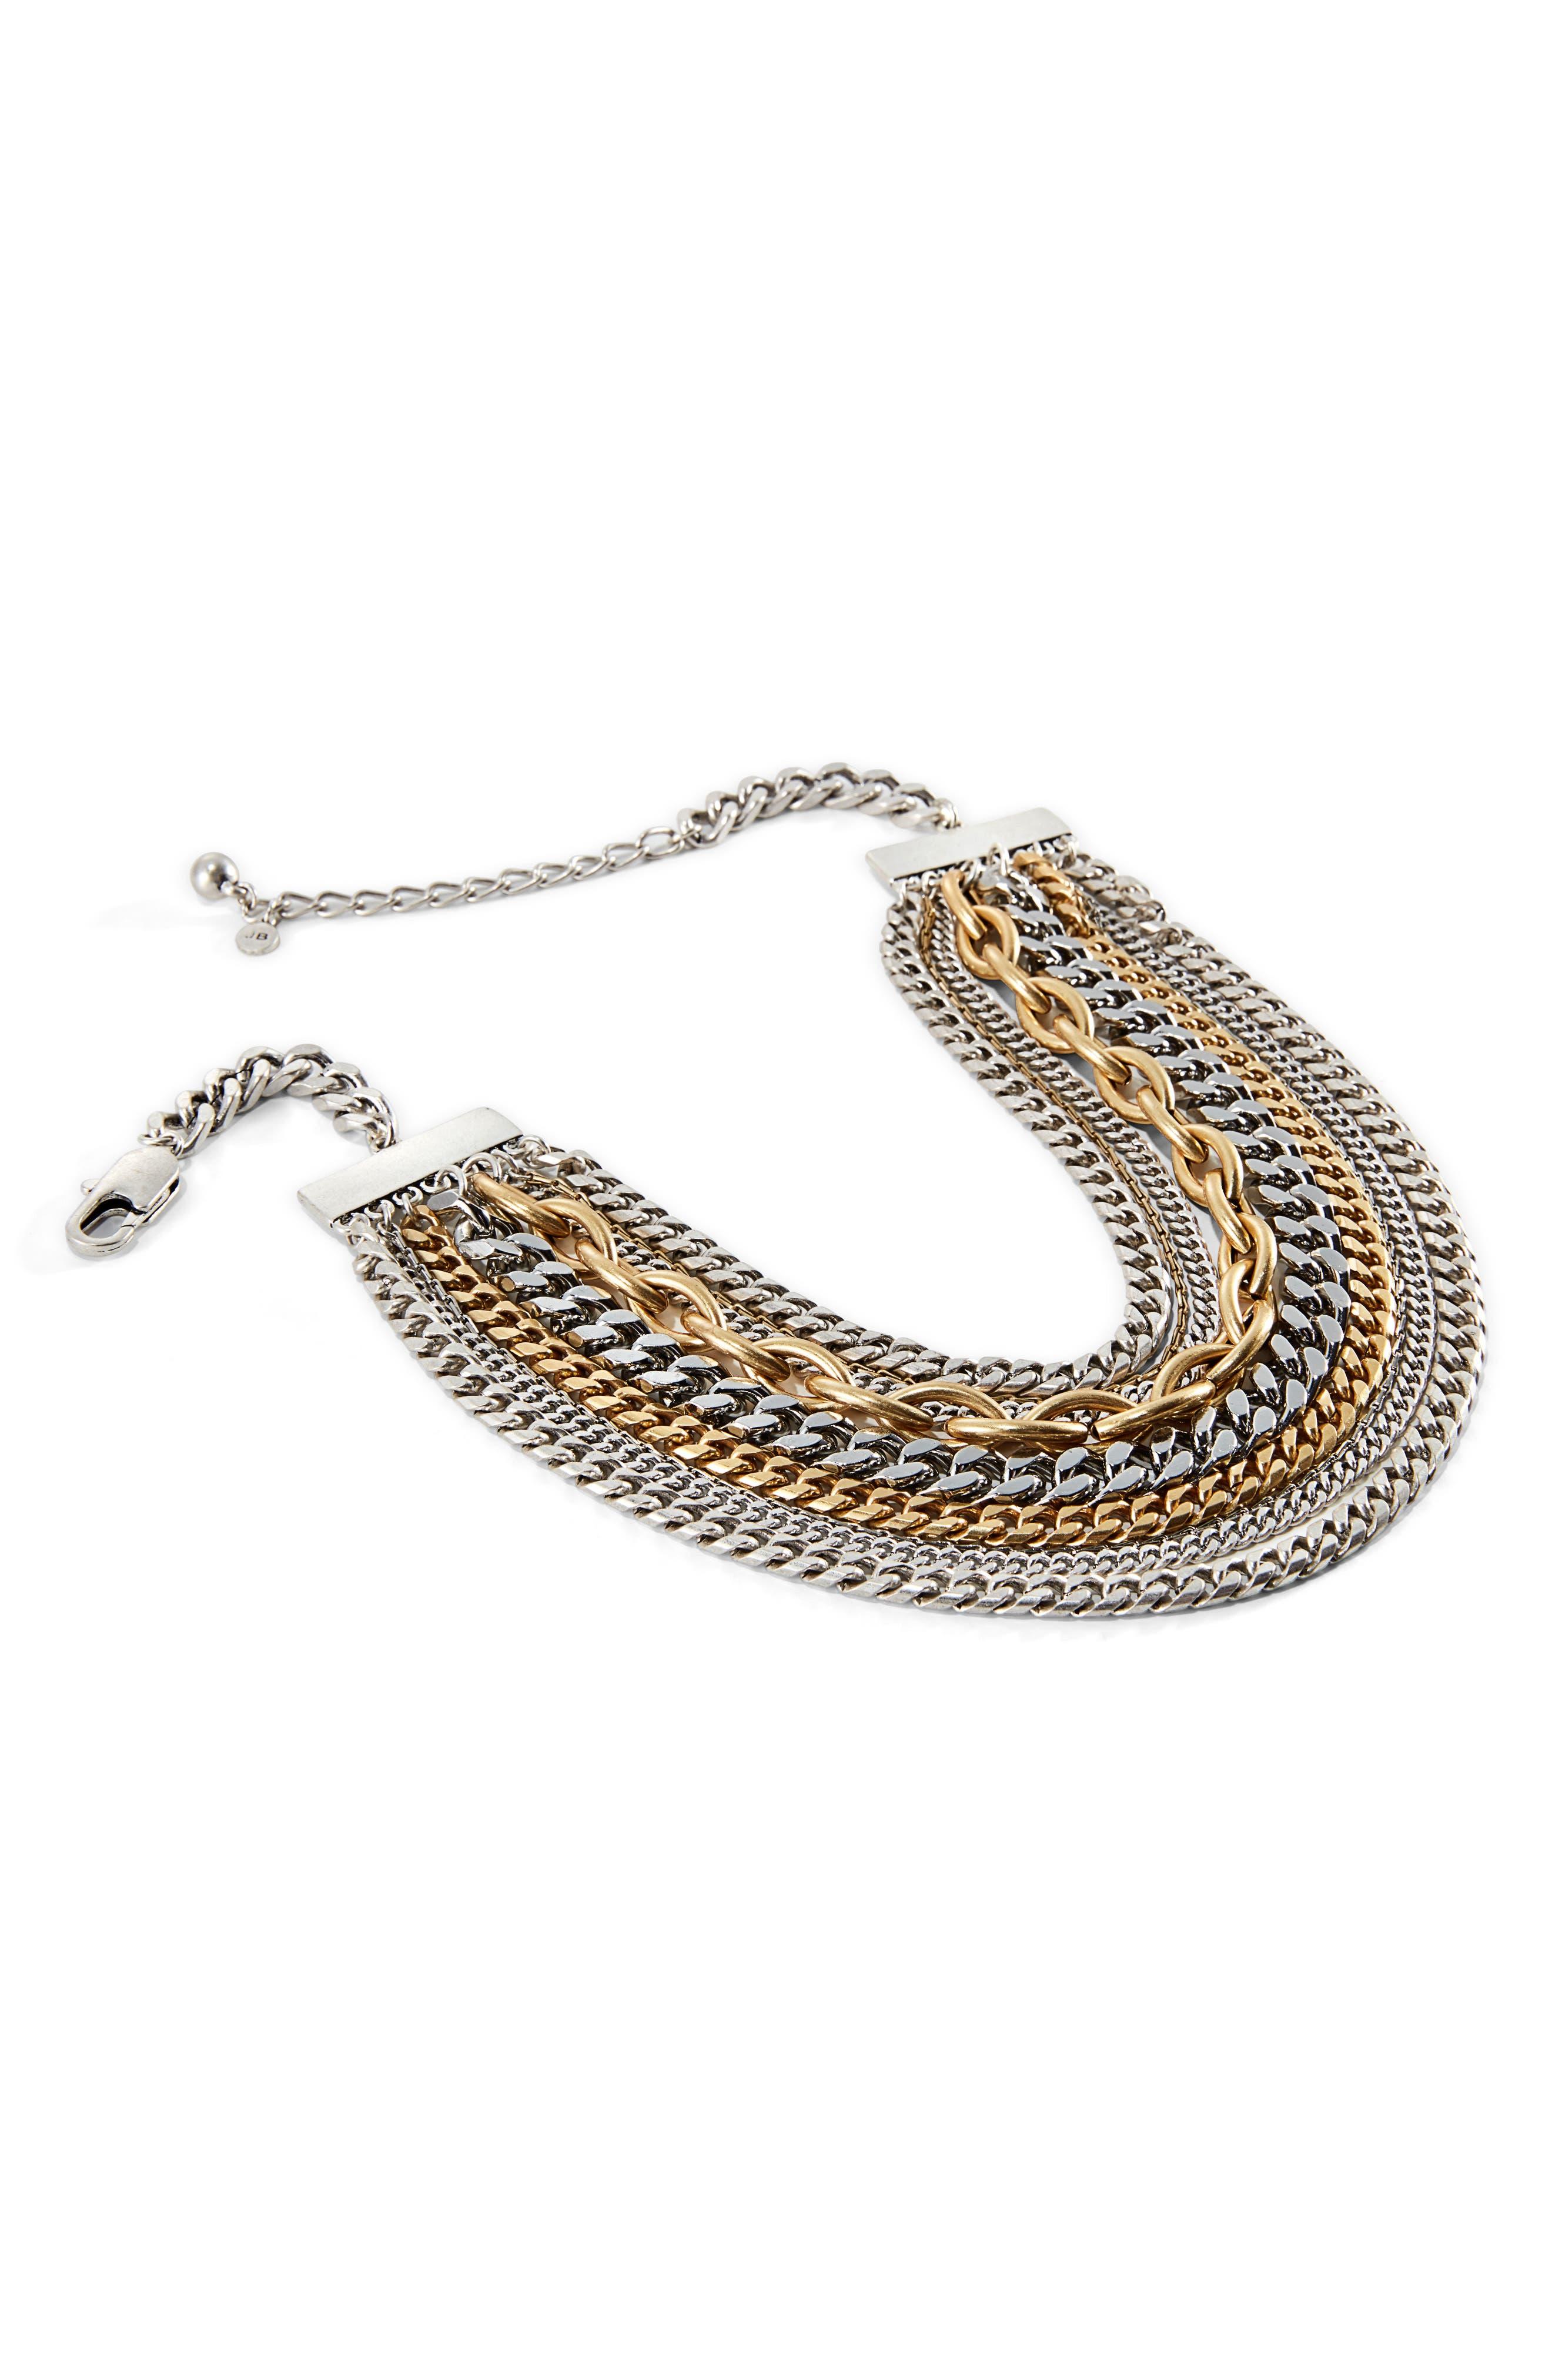 Marra Collar Necklace,                             Main thumbnail 1, color,                             Silver Multi